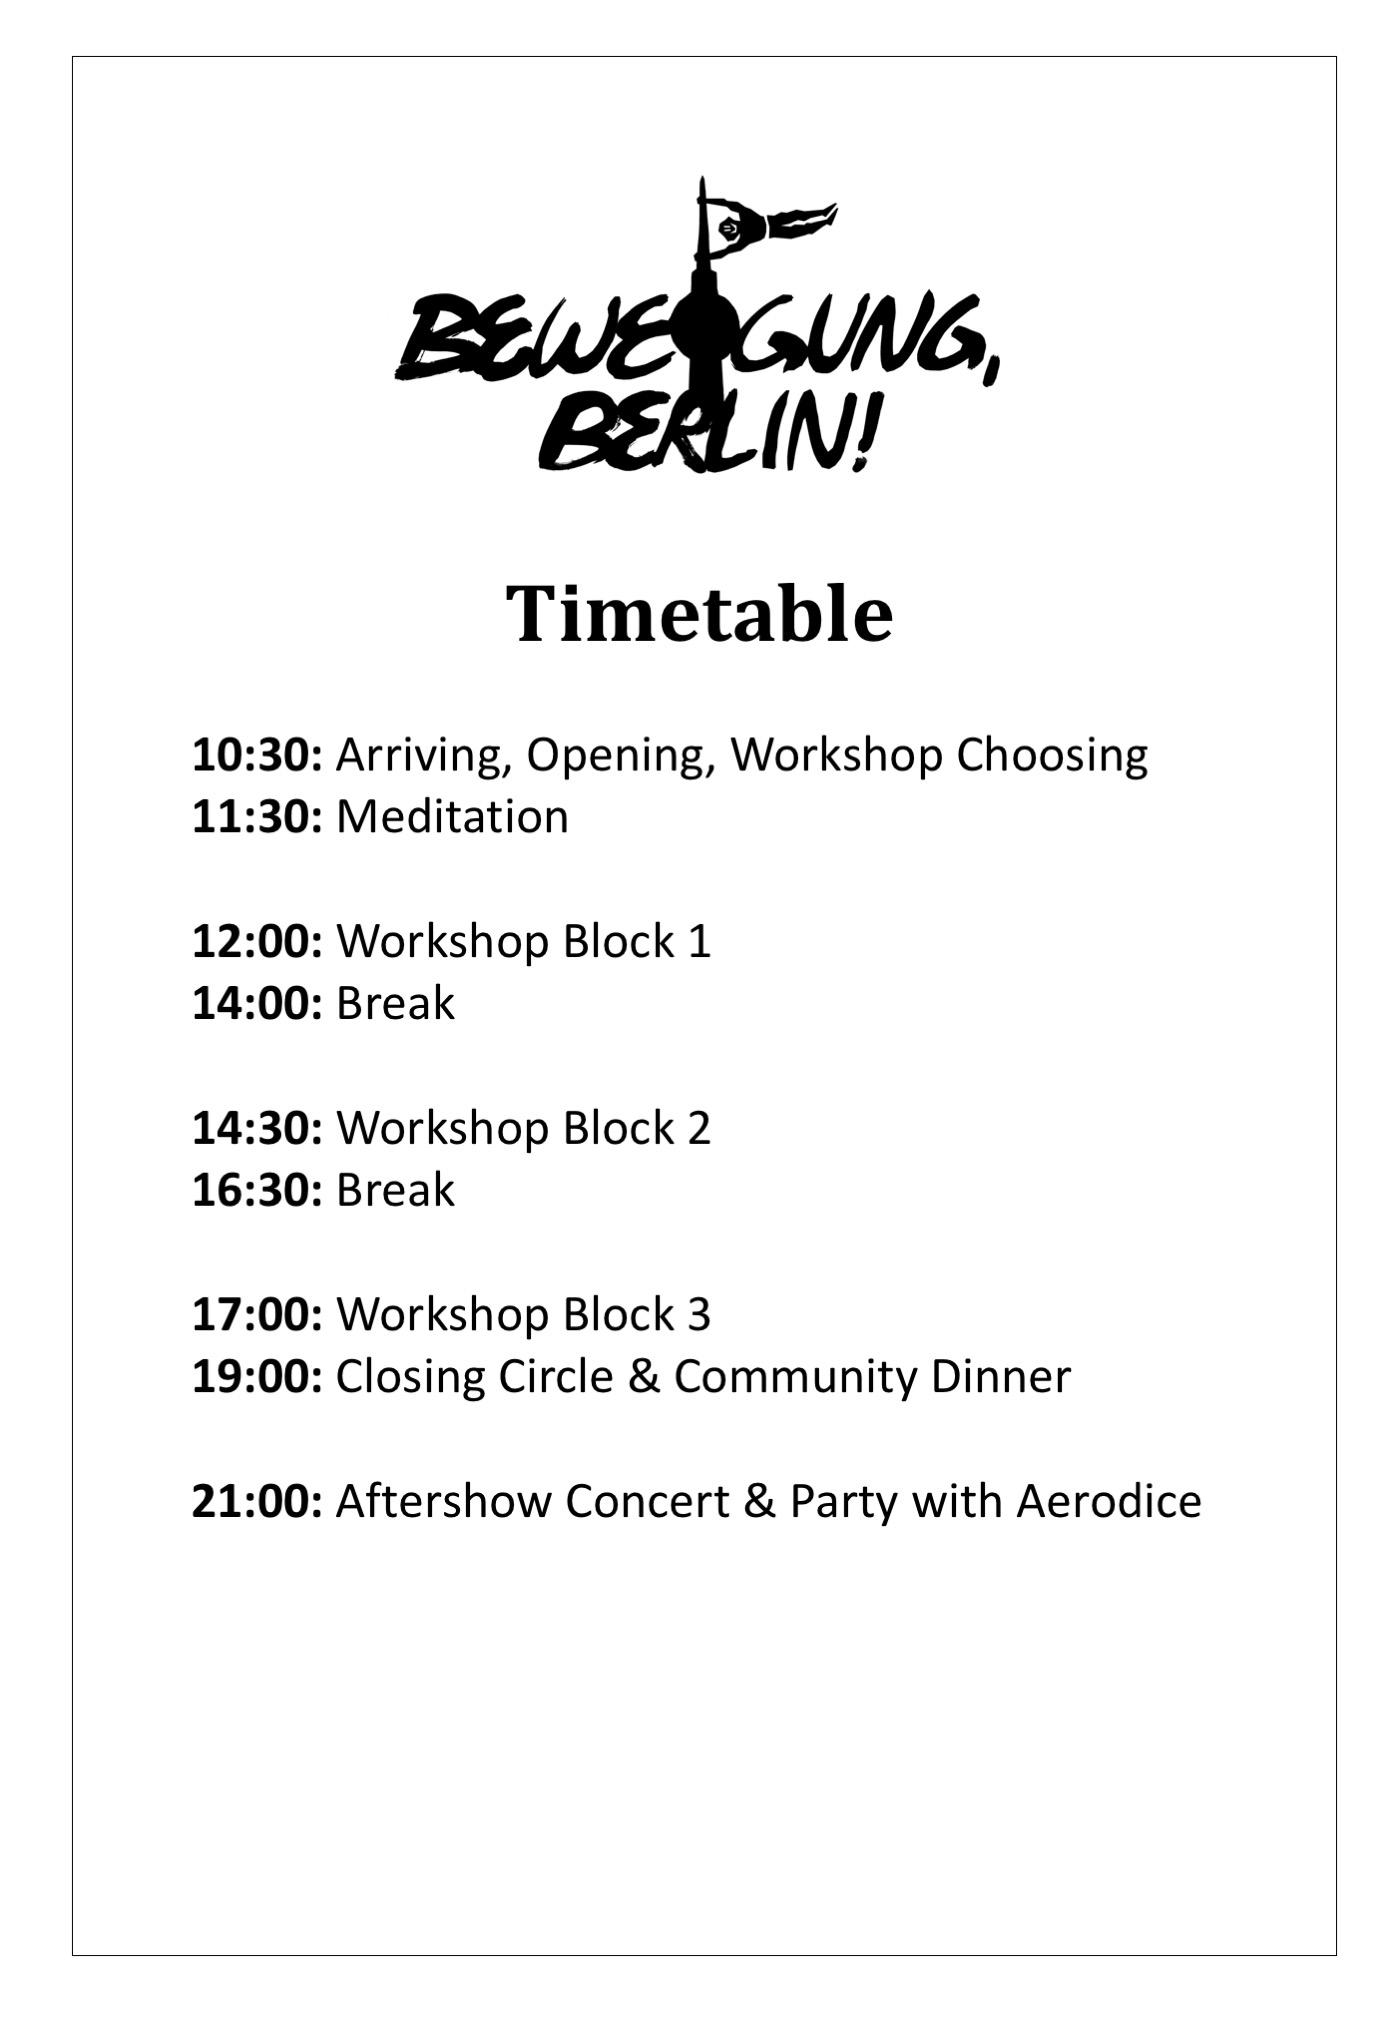 BEBER_Timetable.jpg